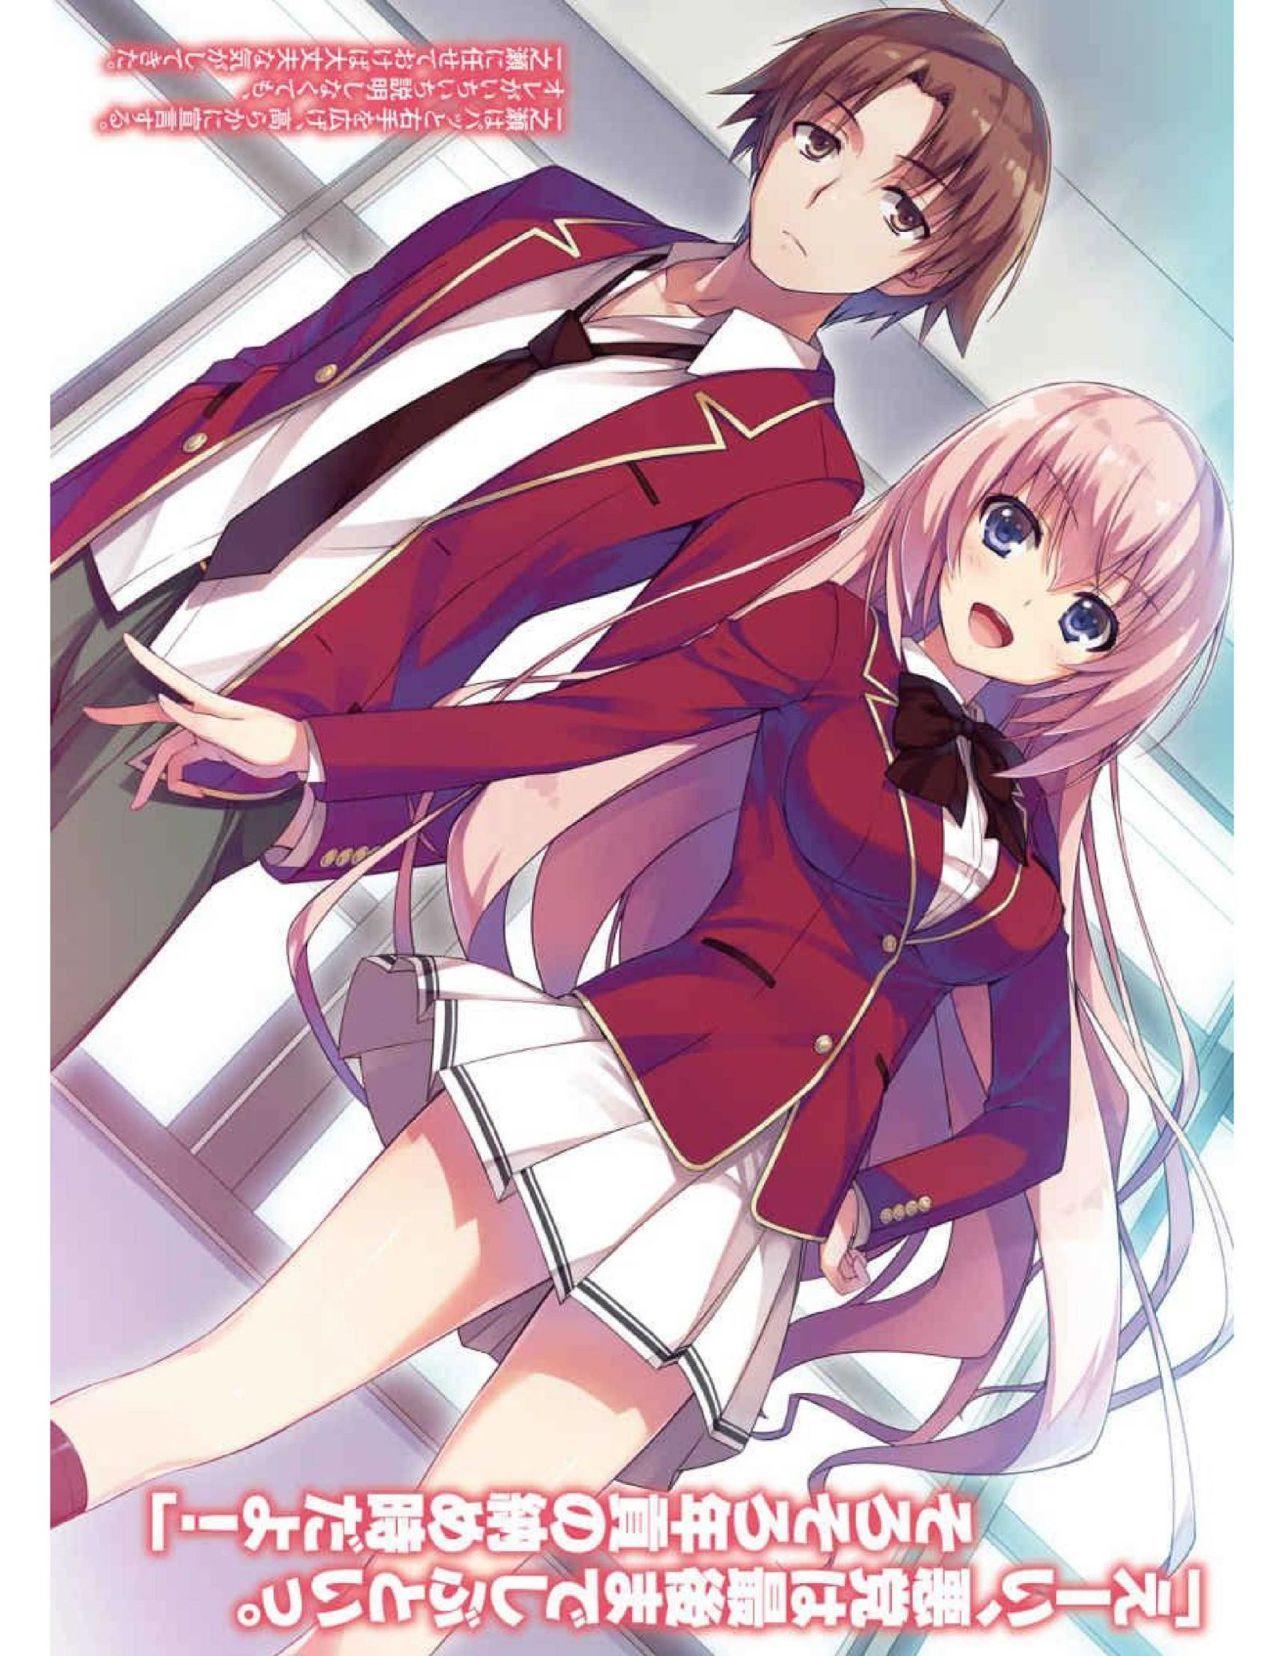 Youkoso Jitsuryoku Shijou Shugi No Kyoushitsu E Capítulo 11 00 Volumen 2 Prólogo Y Capítulo 1 Gladheim Translations Tumangaonline Anime